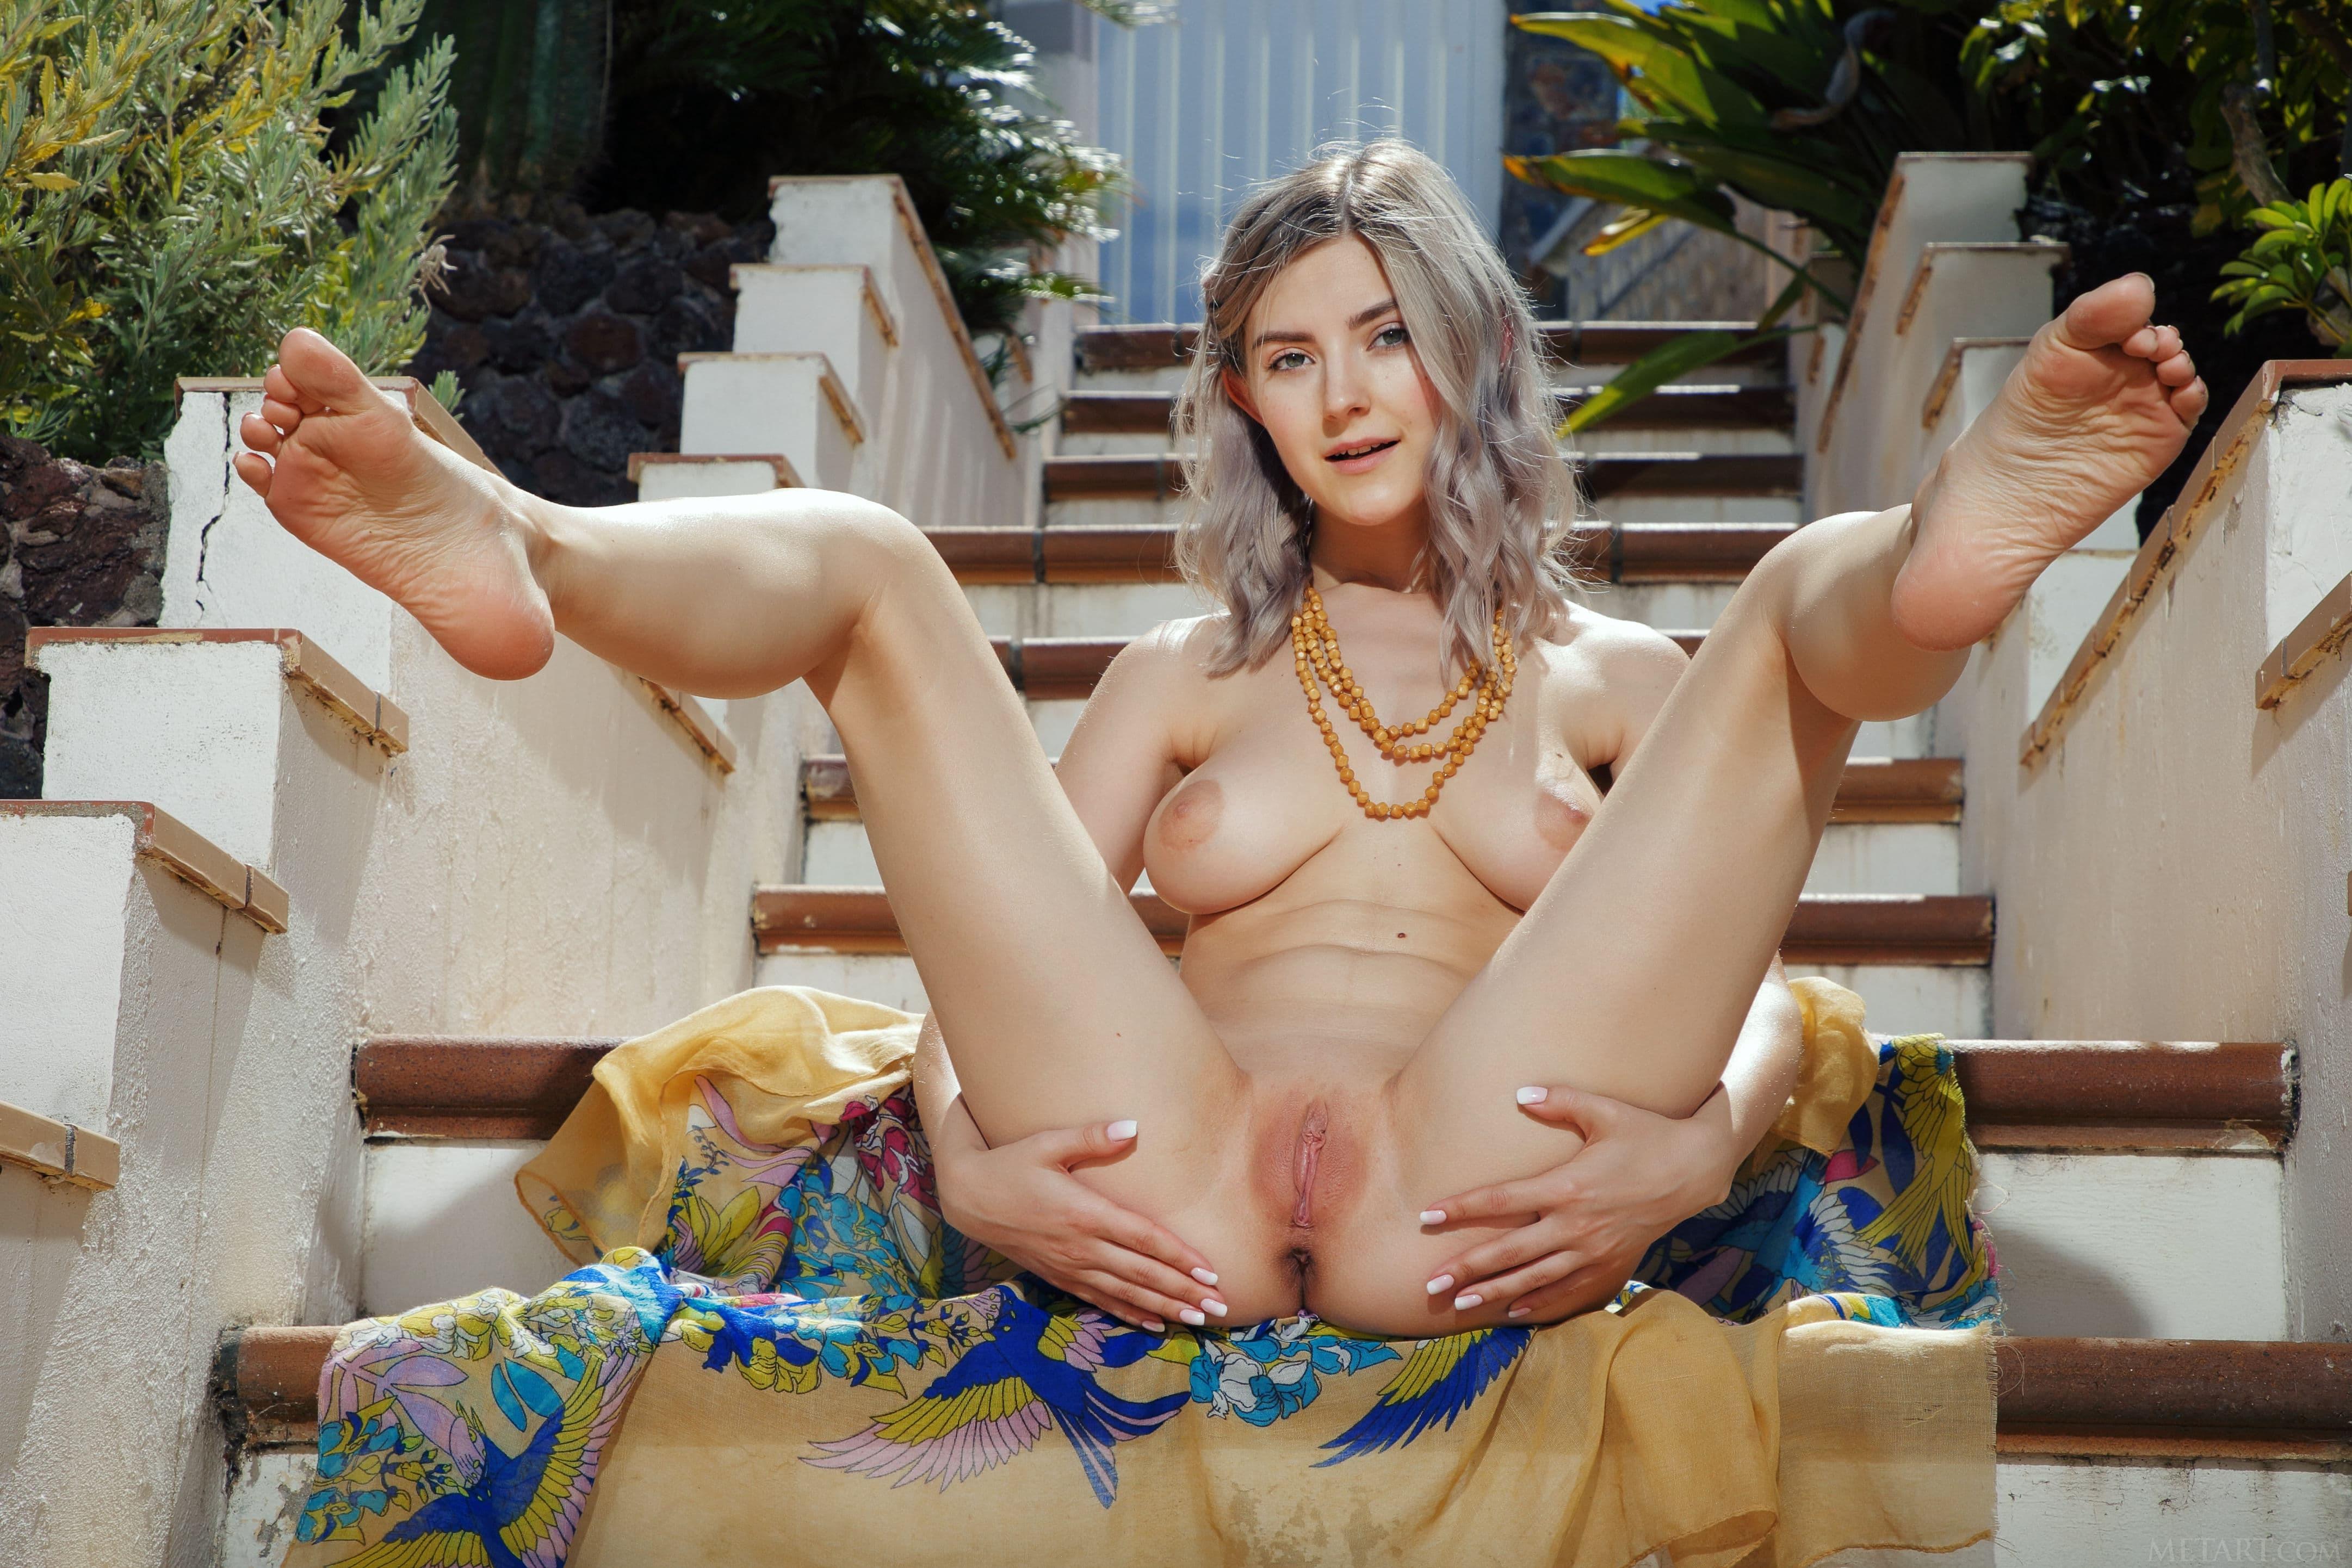 Девушка раздвигает ноги на лестнице - фото